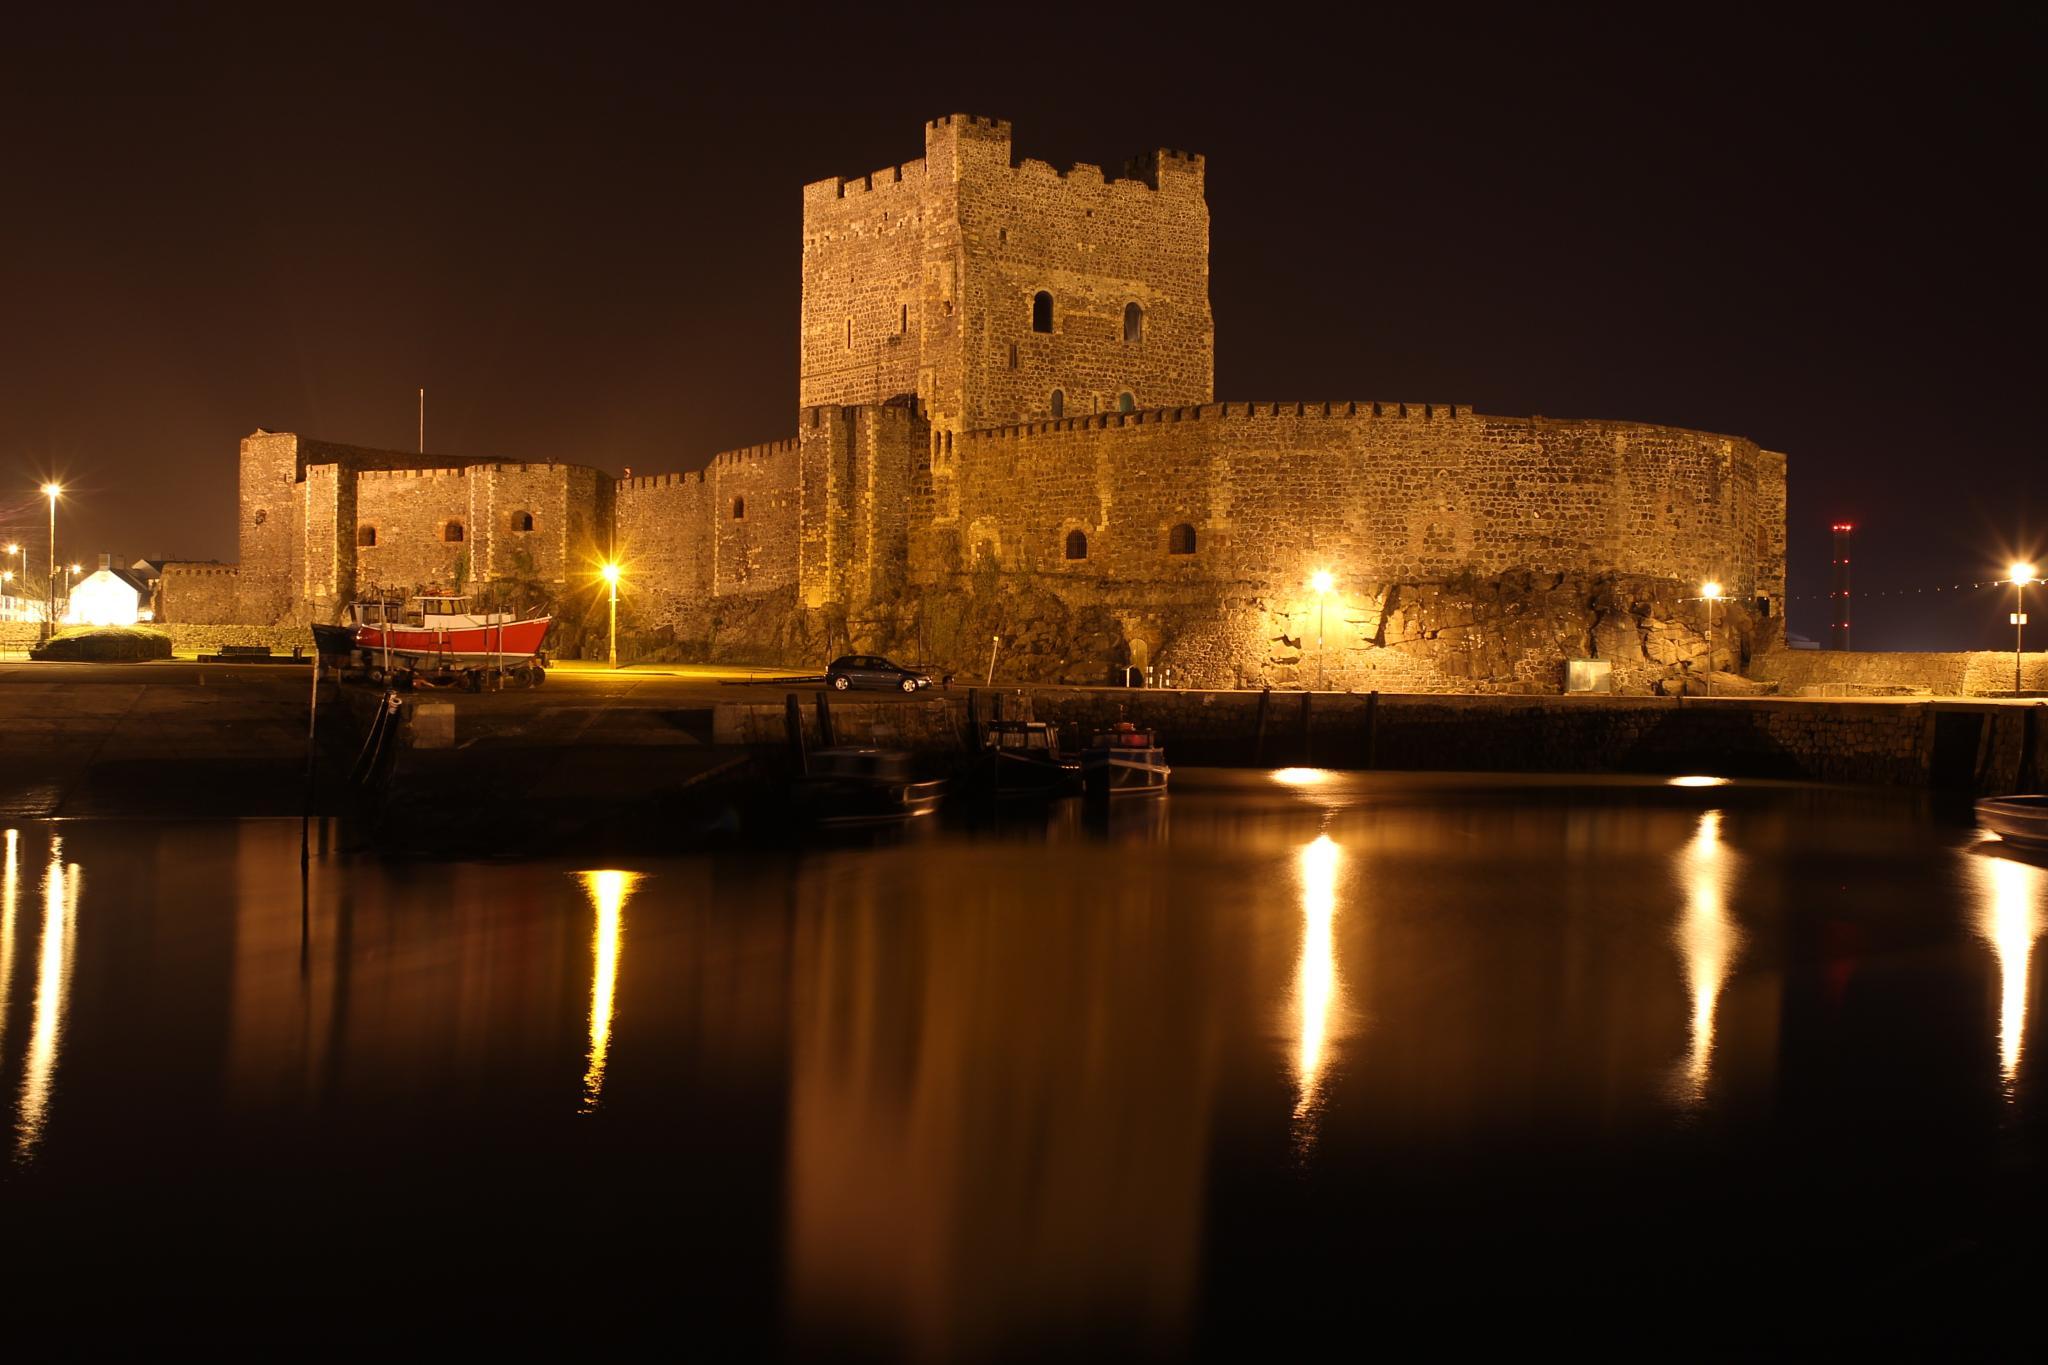 Carrickfergus Castle by wel70251